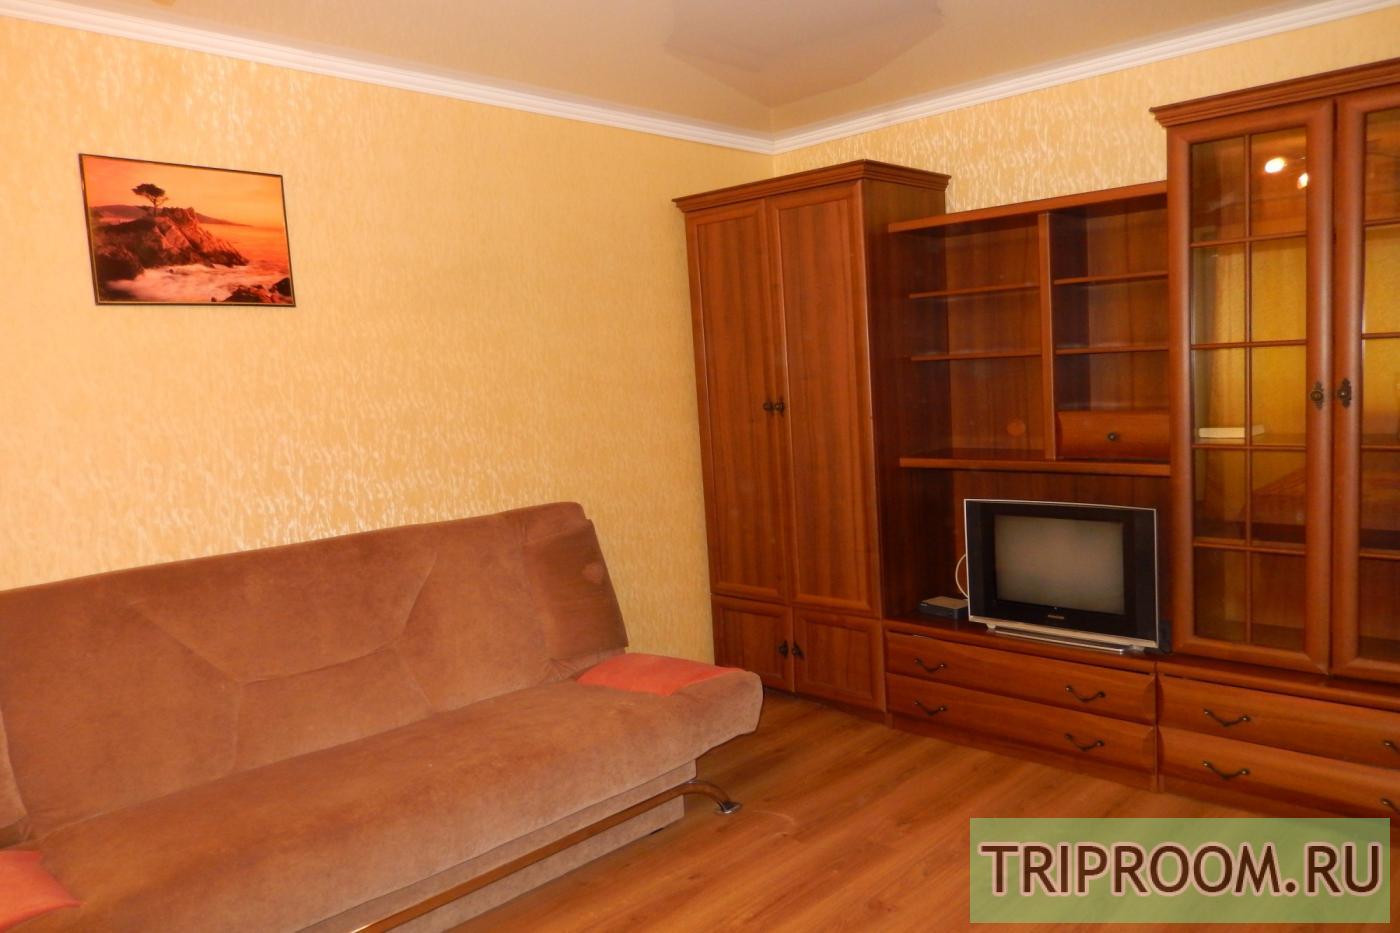 1-комнатная квартира посуточно (вариант № 18630), ул. Гоголя улица, фото № 7